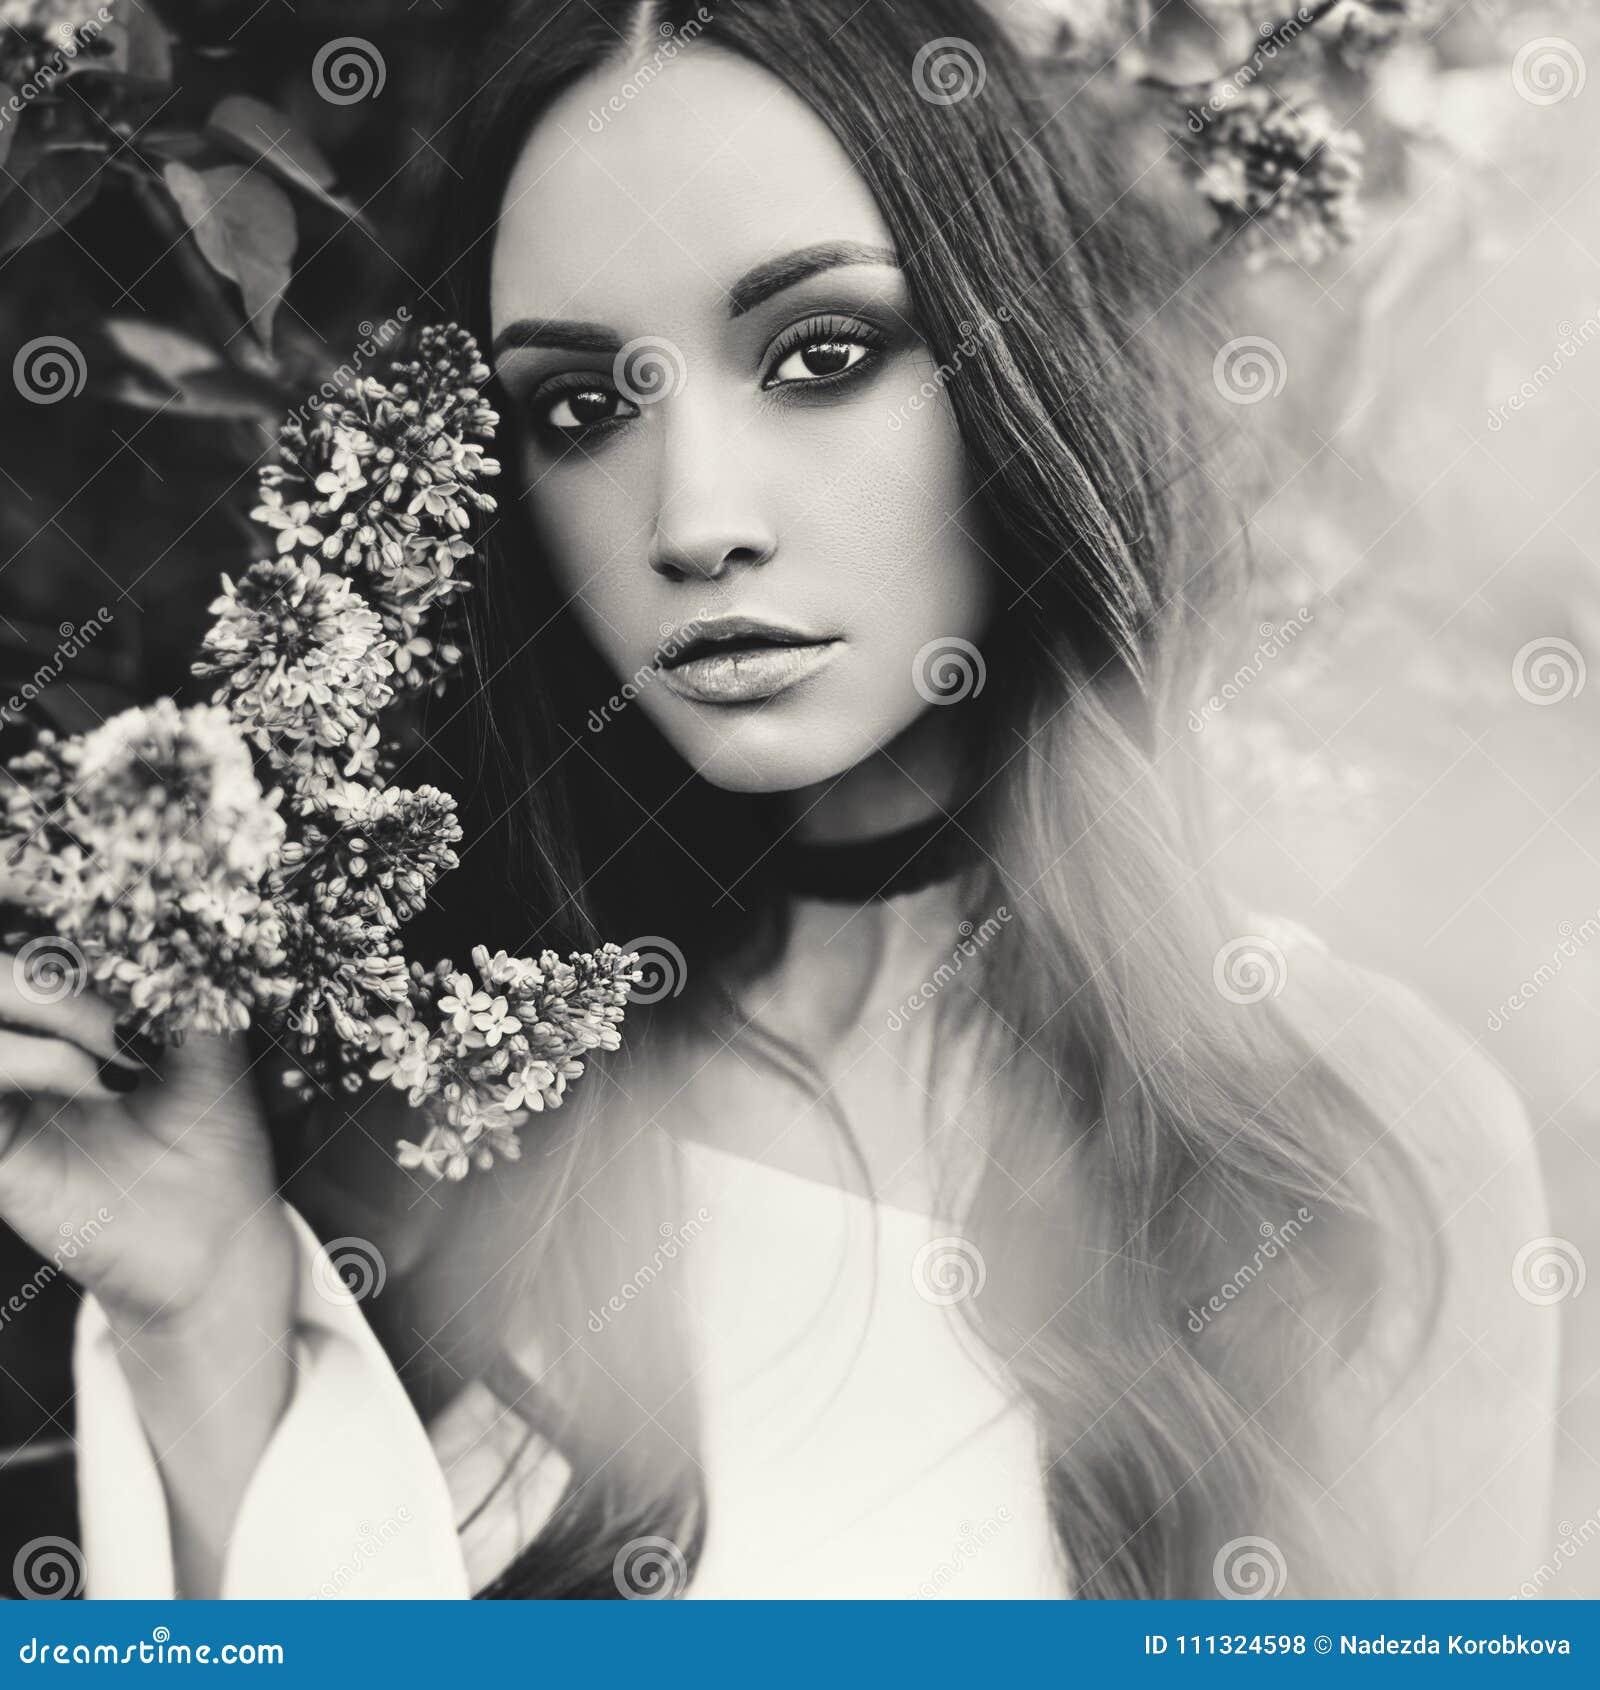 b2a998e8263 Όμορφη νέα γυναίκα που περιβάλλεται από τα λουλούδια της πασχαλιάς ...